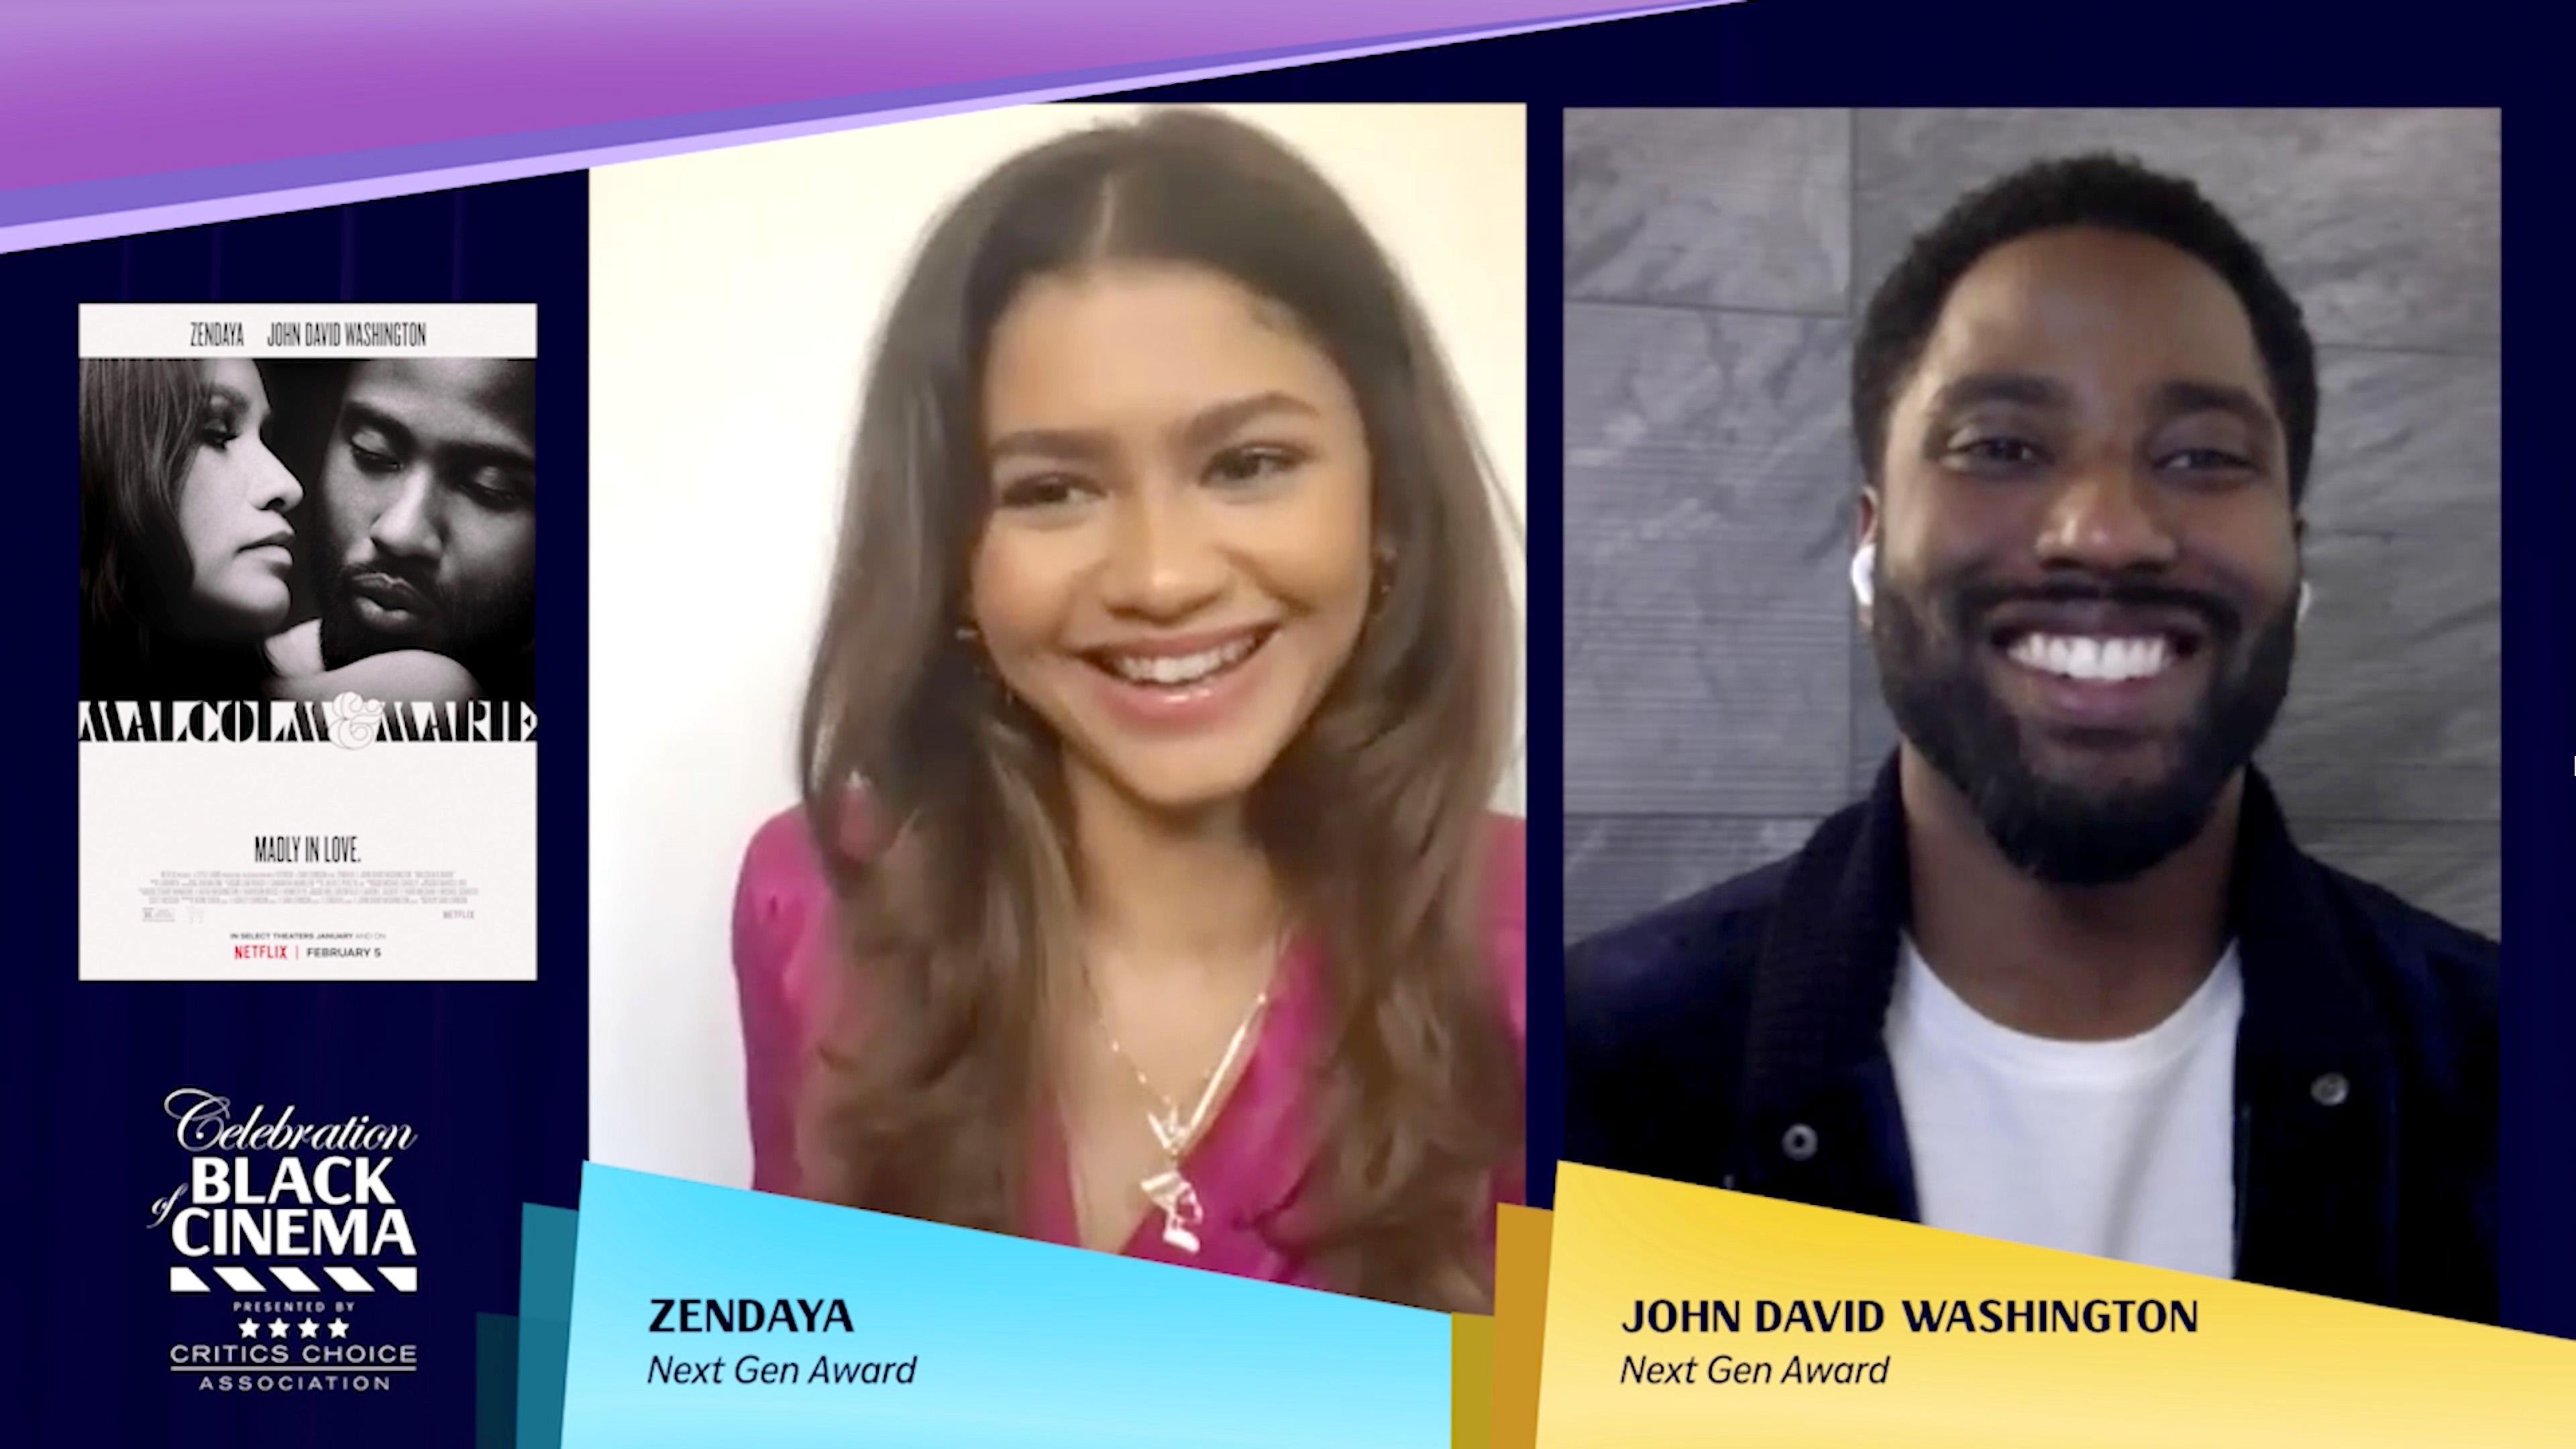 Zendaya and John David Washington Awards